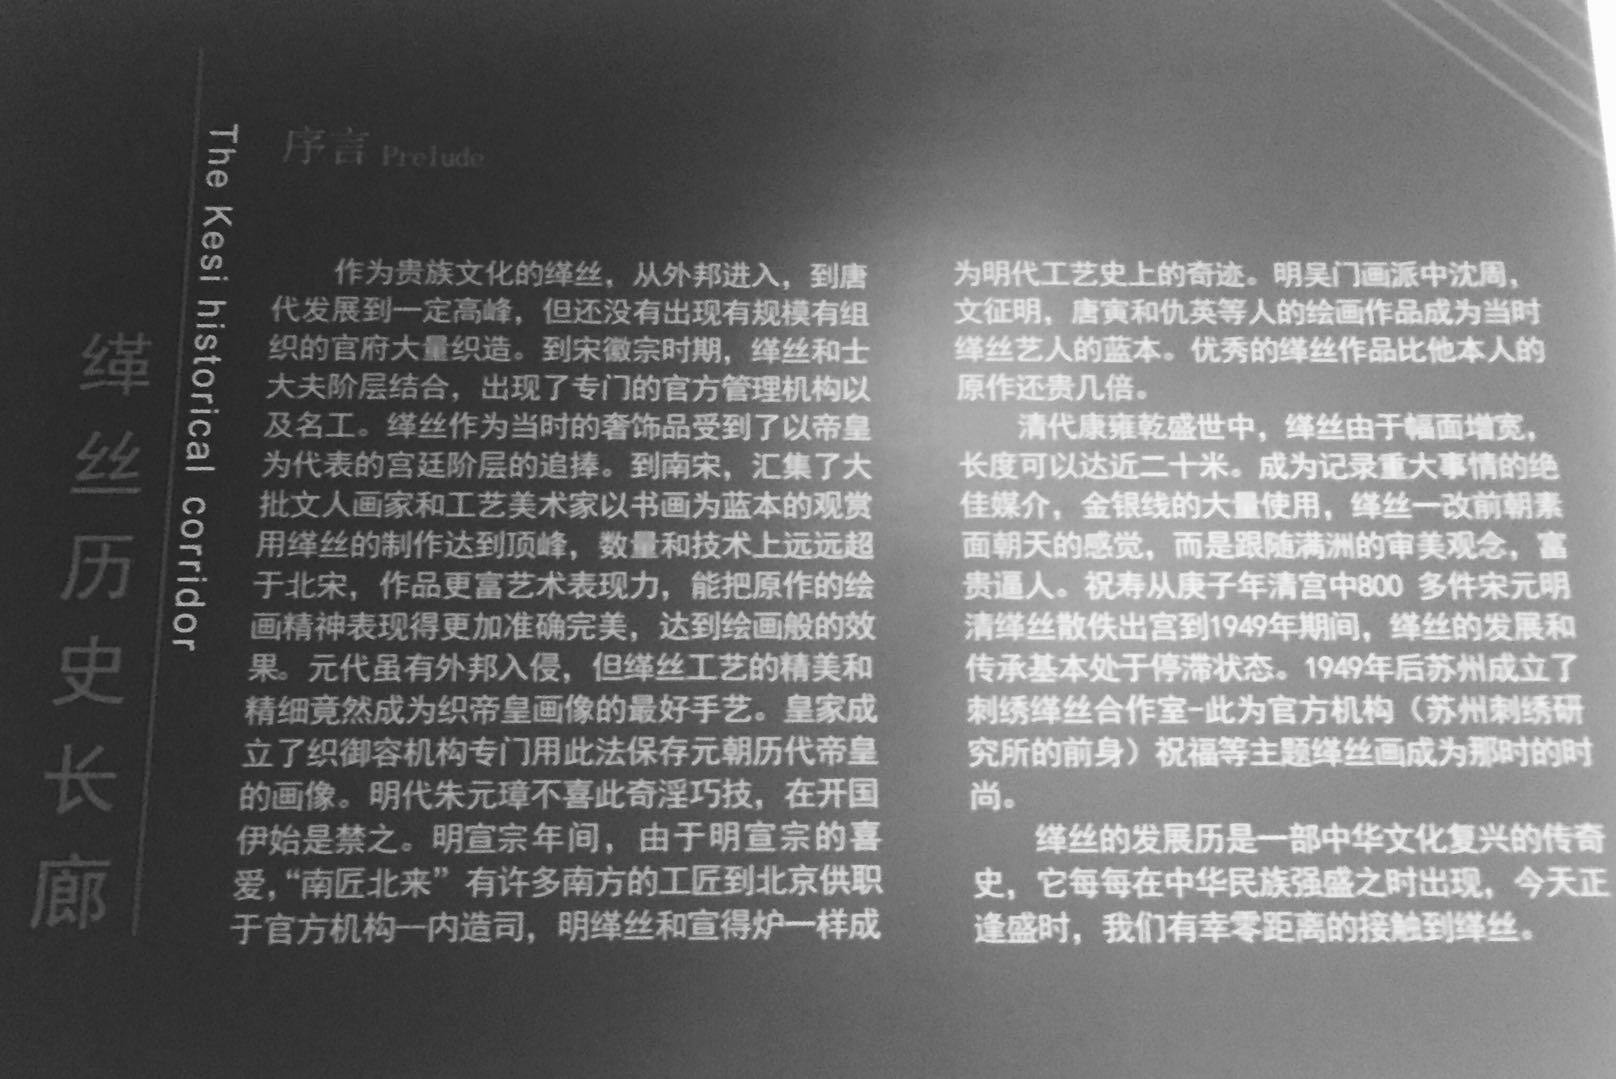 """为了让观众一睹缂丝精品的真容,了解缂丝这门传统织锦的历史背景。本次展览专门设计了一条缂丝历史长廊,通过对缂丝精品实物的展示,缂丝文献典籍的呈现,如南宋朱克柔(缂丝名匠,全世界约六件作品存世)的""""牡丹图""""、""""山茶蛱蝶图""""(原物典藏于辽宁省博物馆)、""""鹡鸰红蓼图""""(原物典藏于台北故宫)、宋徽宗赵佶的木槿花(原物典藏于辽宁省博物馆)、民国第一书《纂组英华》原件(该书在伪满康德二年共计发行300册,当时售价400块大洋),让观众可以近距离的感受缂丝成为""""织中之圣""""的奥秘所在。"""